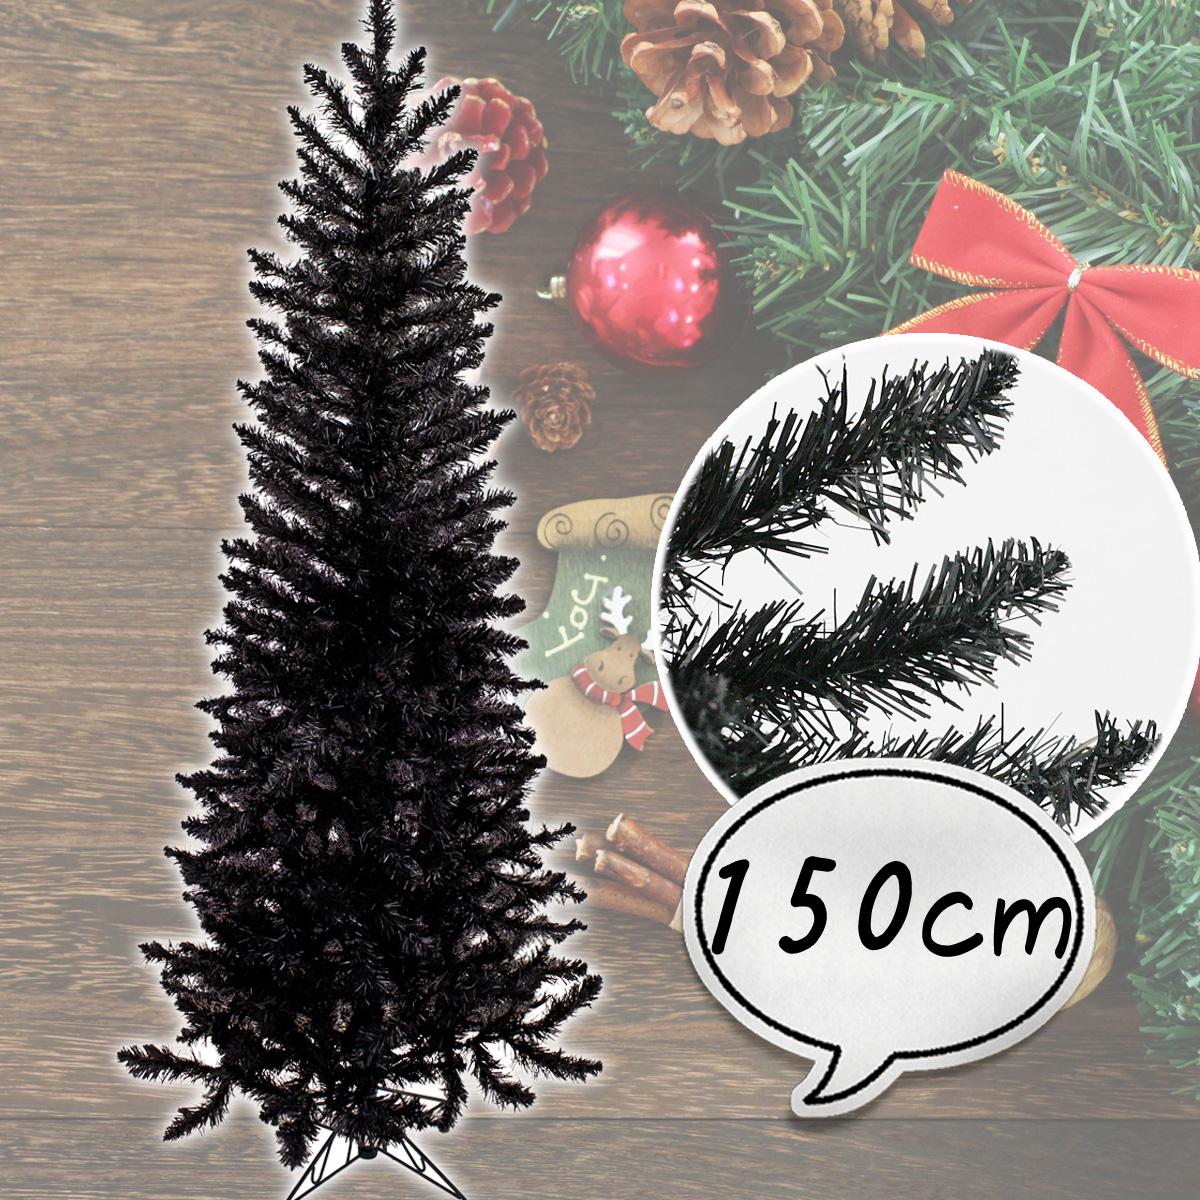 クリスマスツリー 150cm 黒 スリム ブラック ツリー [ ヌードツリー ] 北欧 おしゃれ 【10月下旬入荷予定】